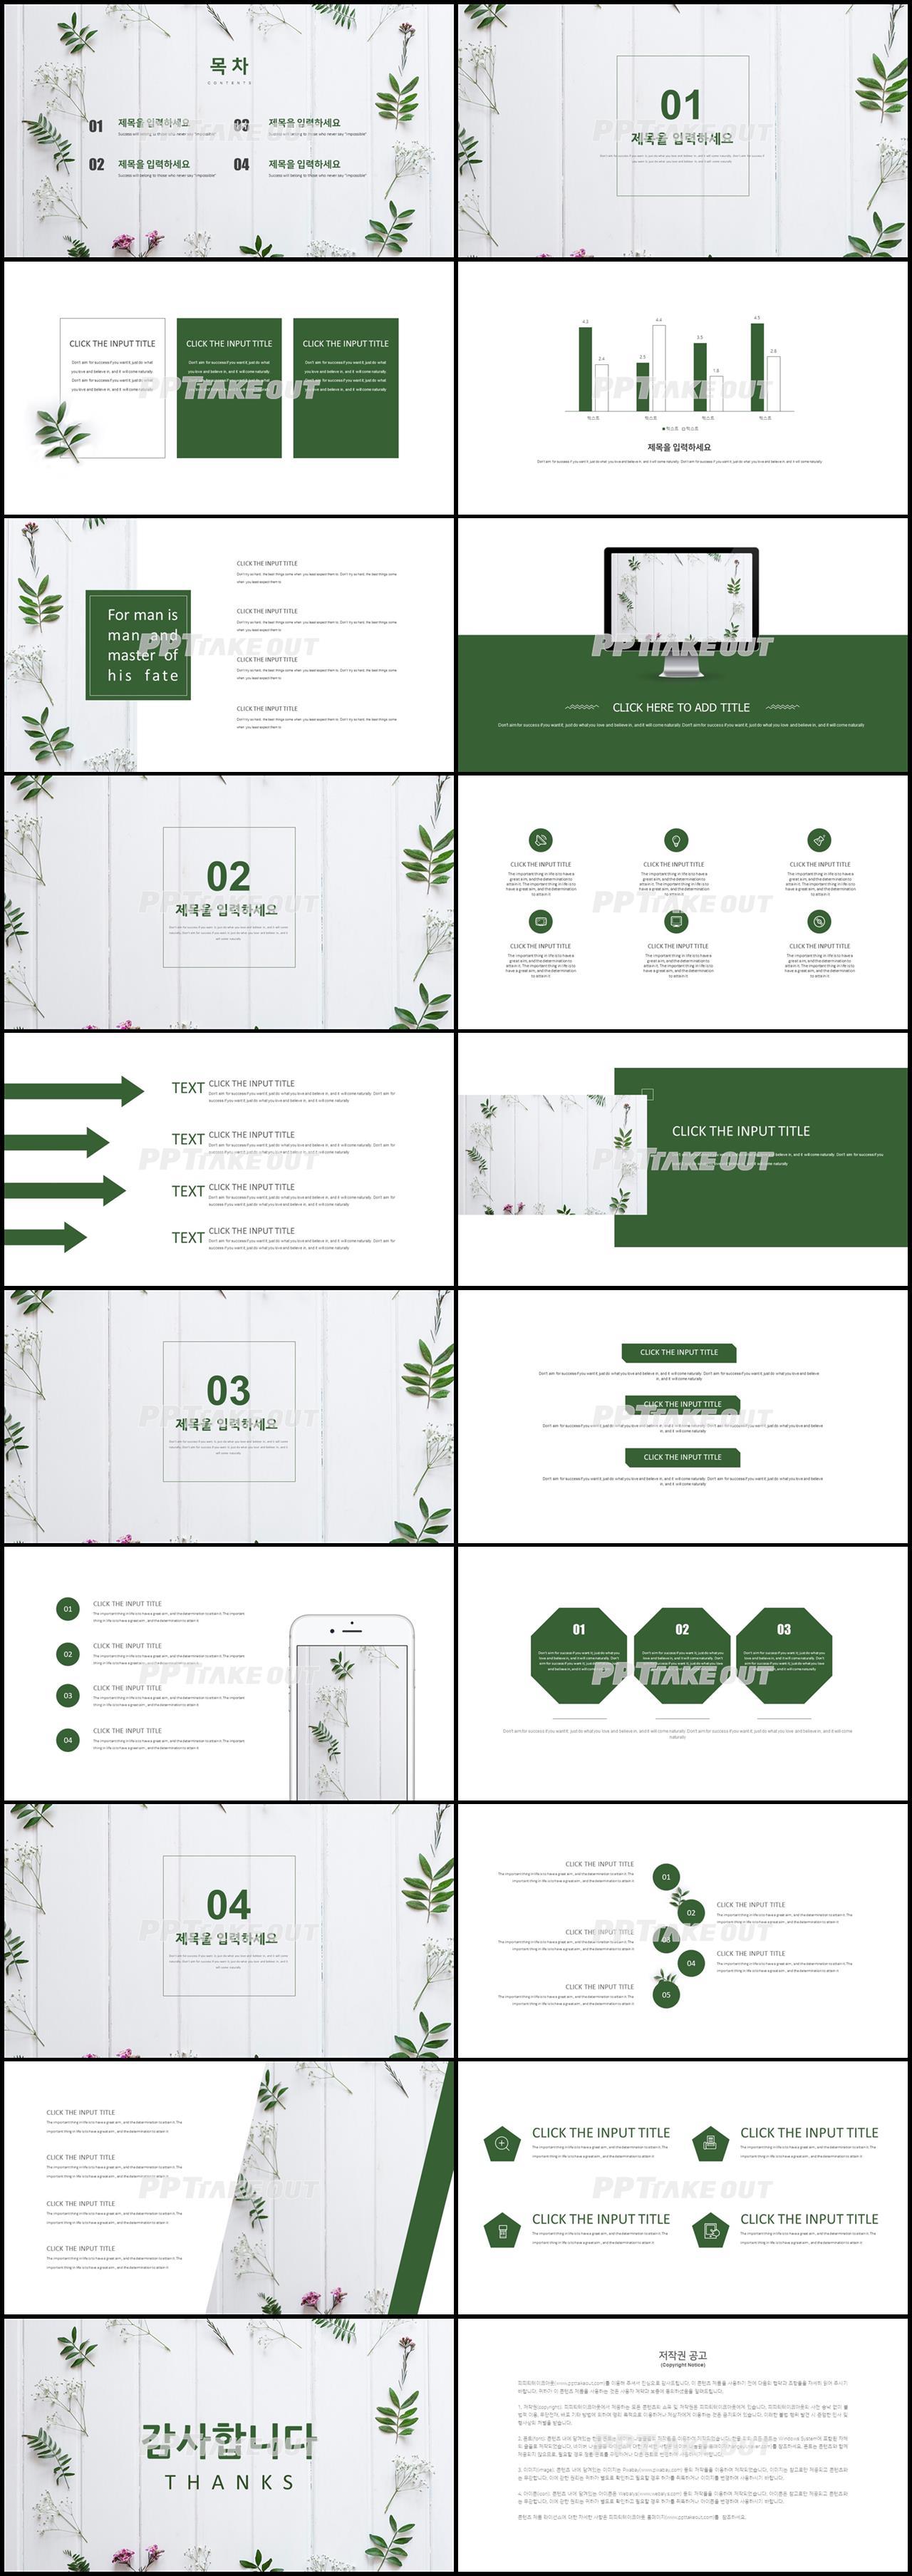 식물동물 녹색 예쁜 프레젠테이션 PPT샘플 만들기 상세보기